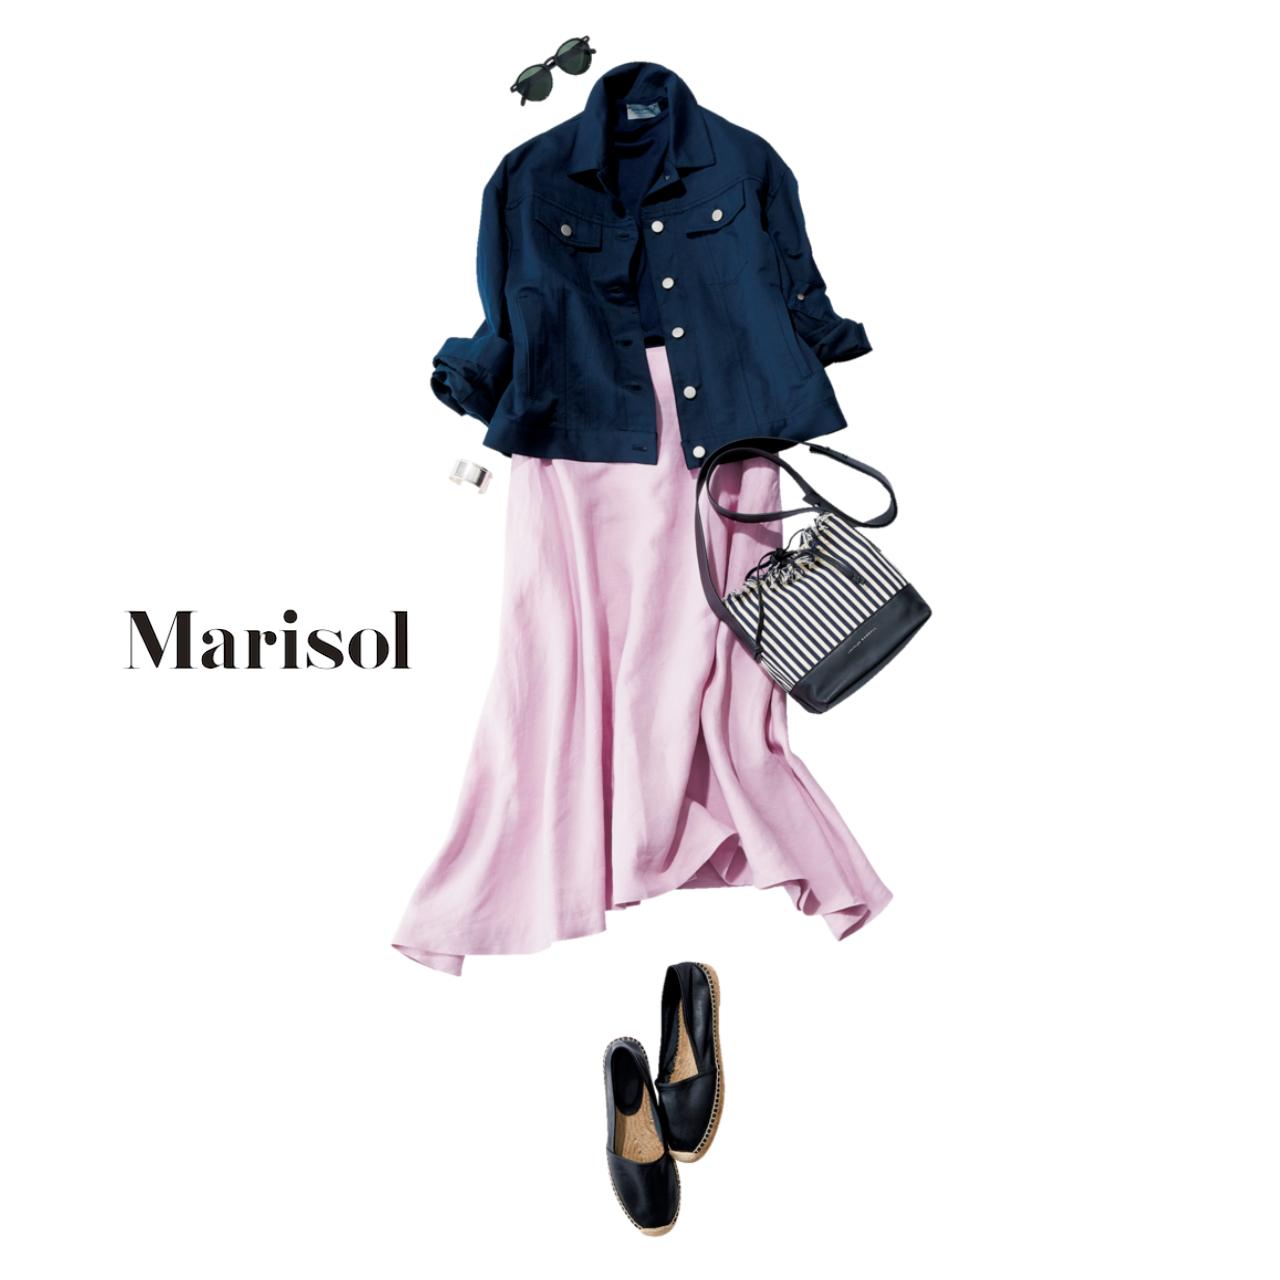 ネイビージャケット×ピンク色スカートコーデ